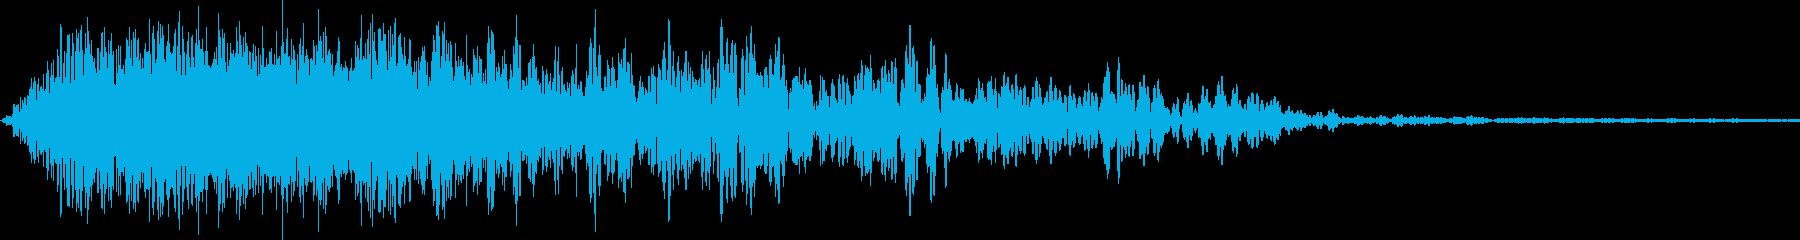 ドラゴンの鳴き声(短め)の再生済みの波形